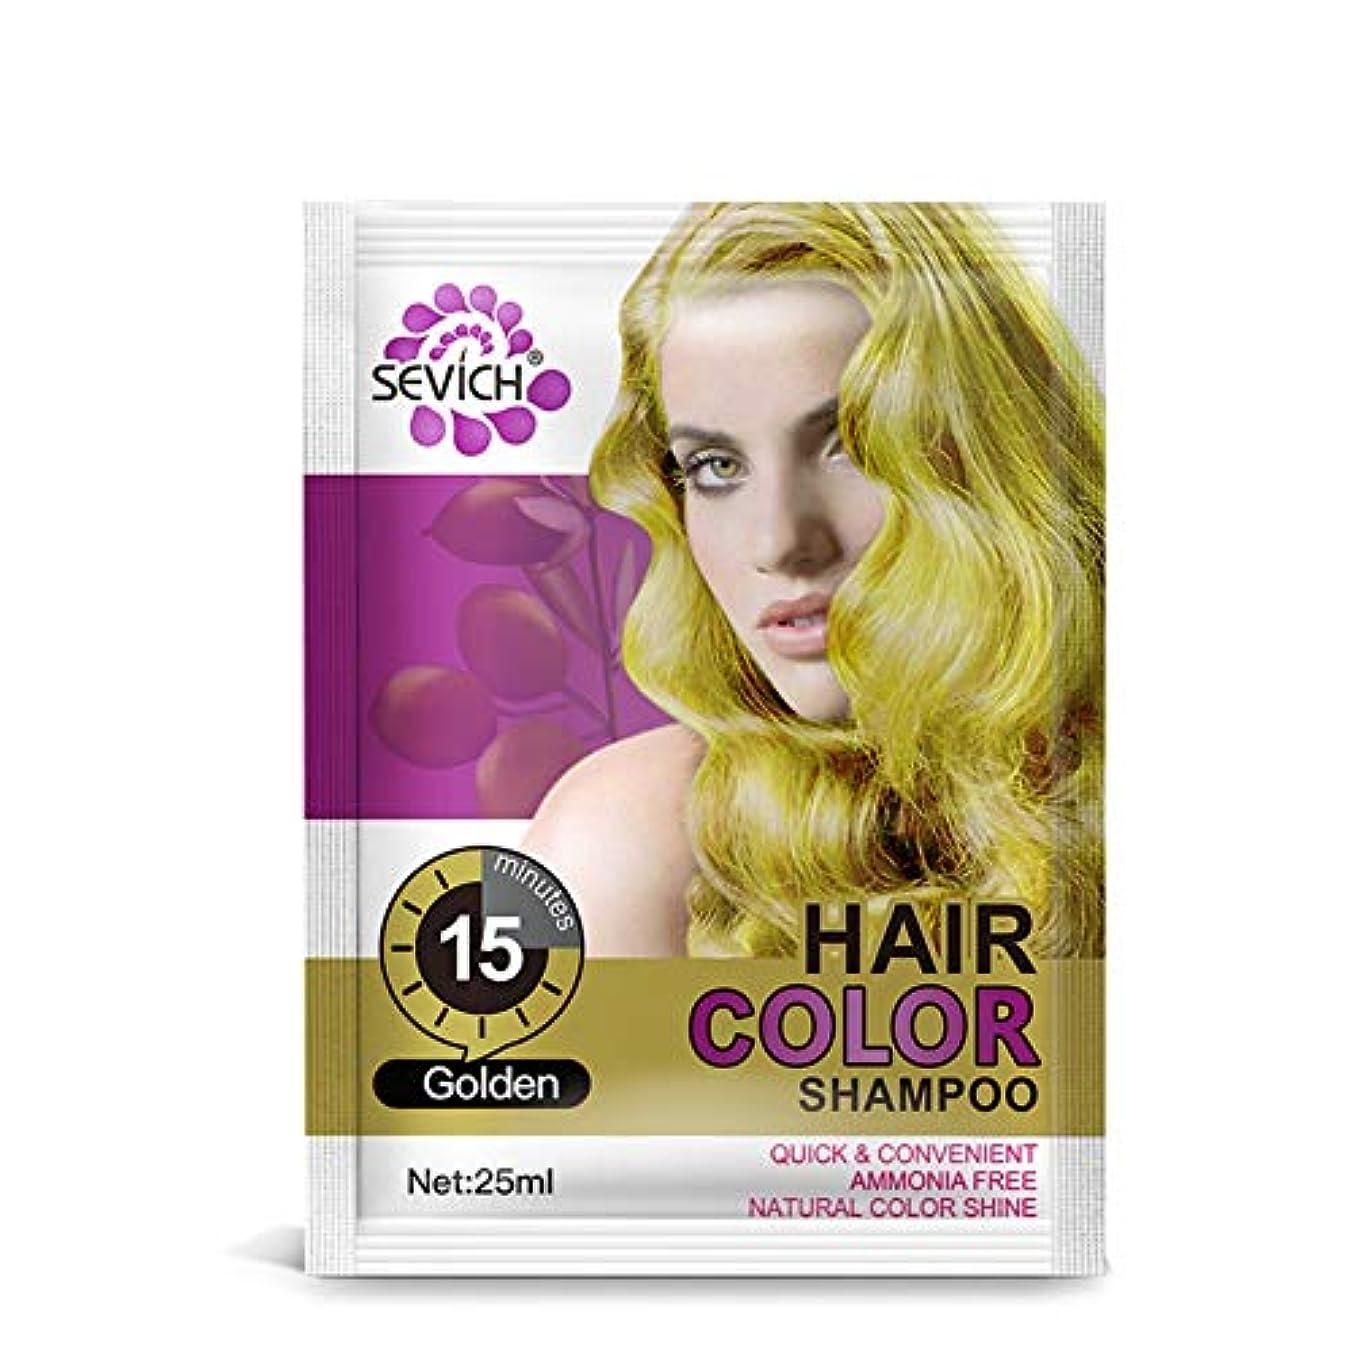 対応する恐怖インサートヘアカラー ヘア染め ヘアカラースタイリング 髪の色のシャンプ スタイリングカラーヘアシャンプー 純粋な植物 自然 刺激ない ヘアケア Cutelove